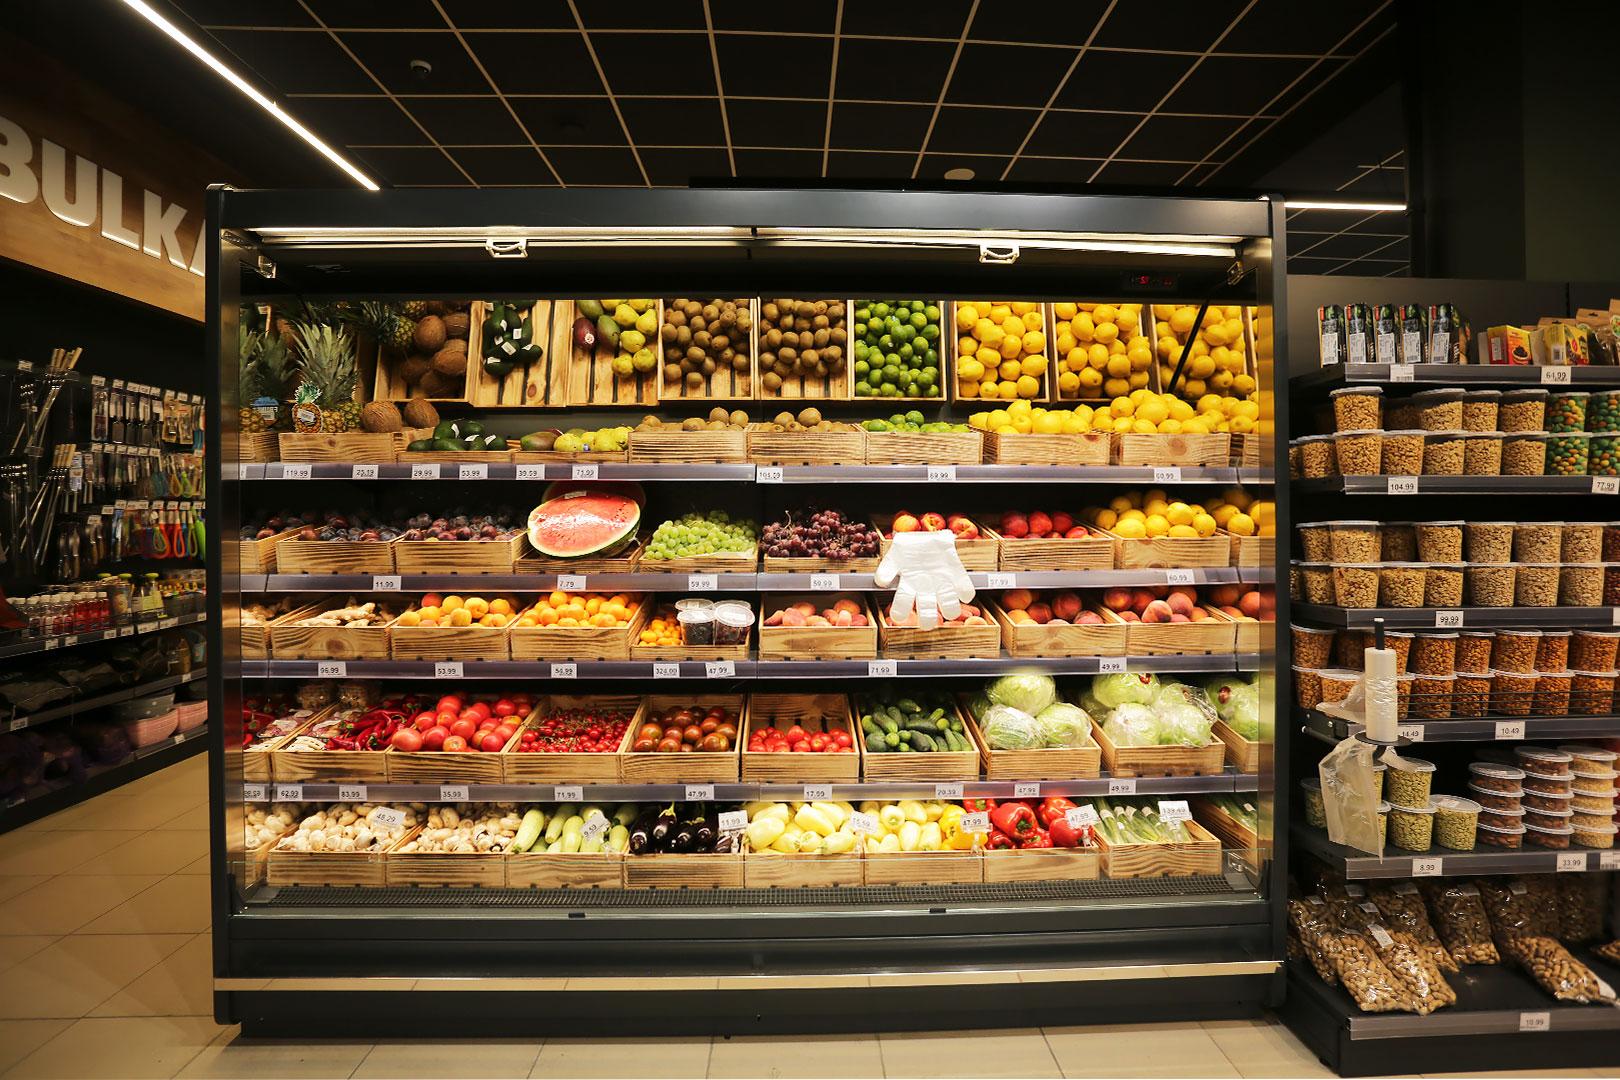 Спеціалізовані вітрини для продажу овочів та фруктів Indiana MV 080 FV O 205-DLM